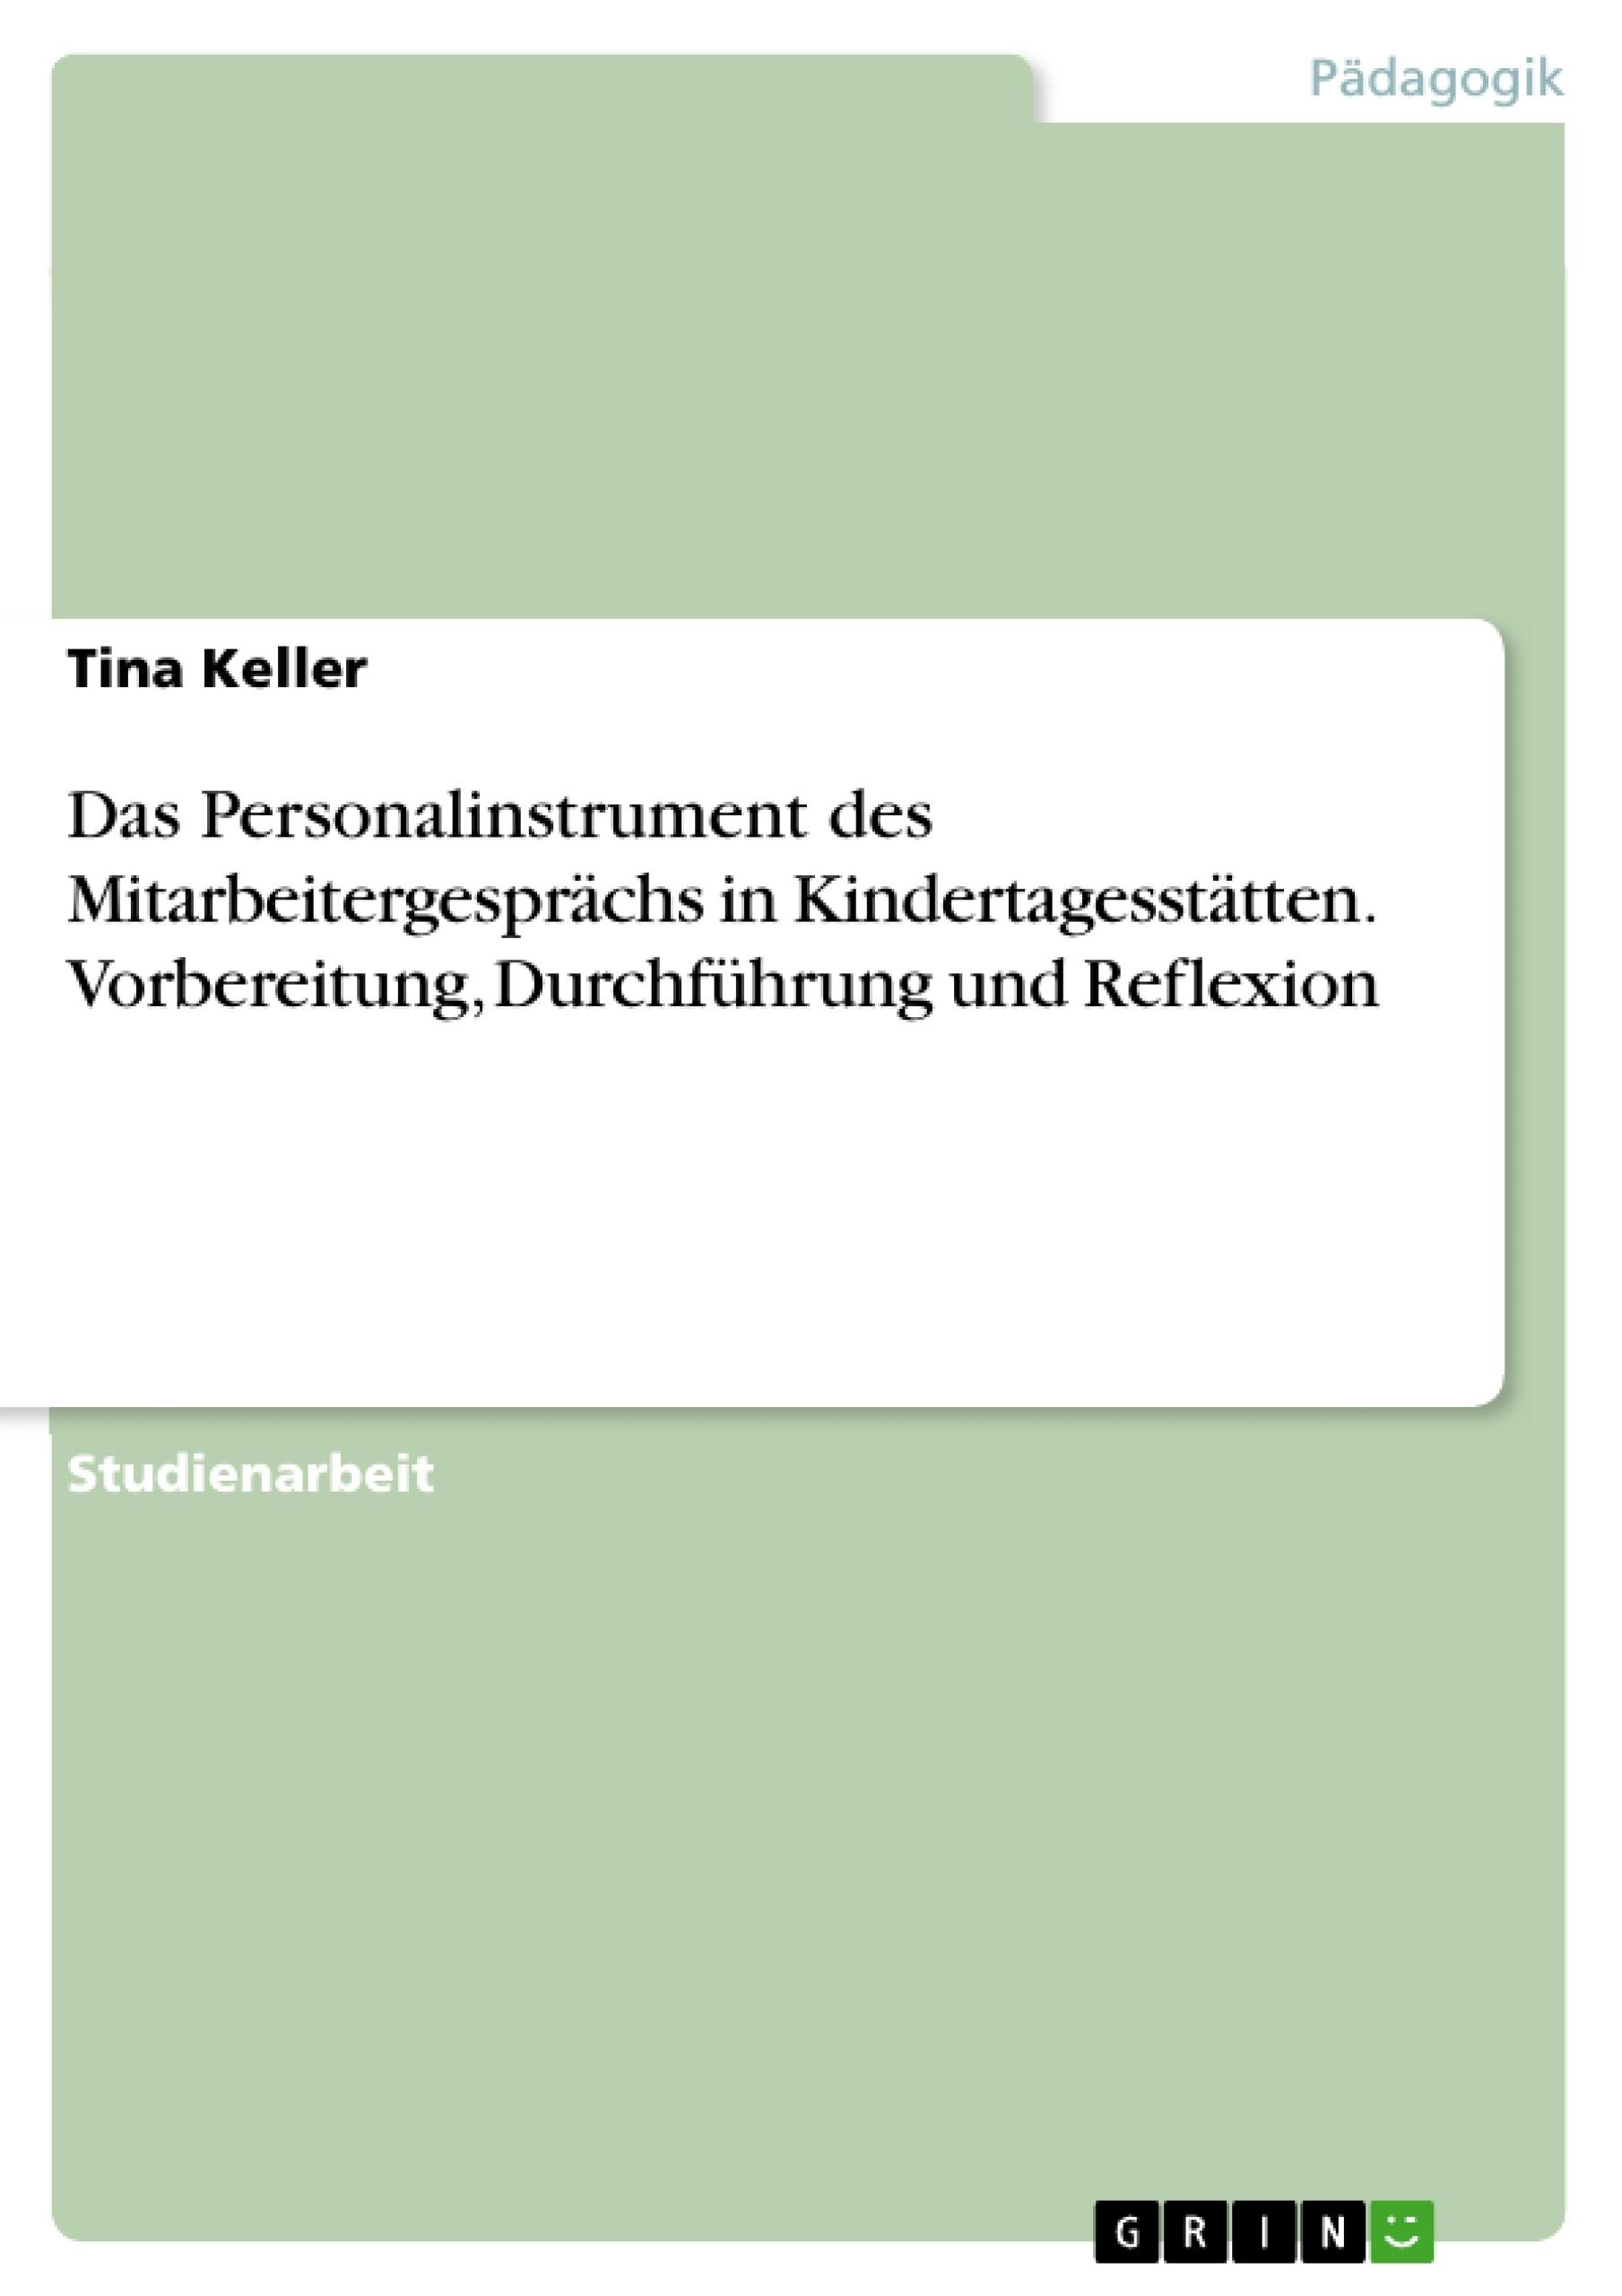 Titel: Das Personalinstrument des Mitarbeitergesprächs in Kindertagesstätten. Vorbereitung, Durchführung und Reflexion